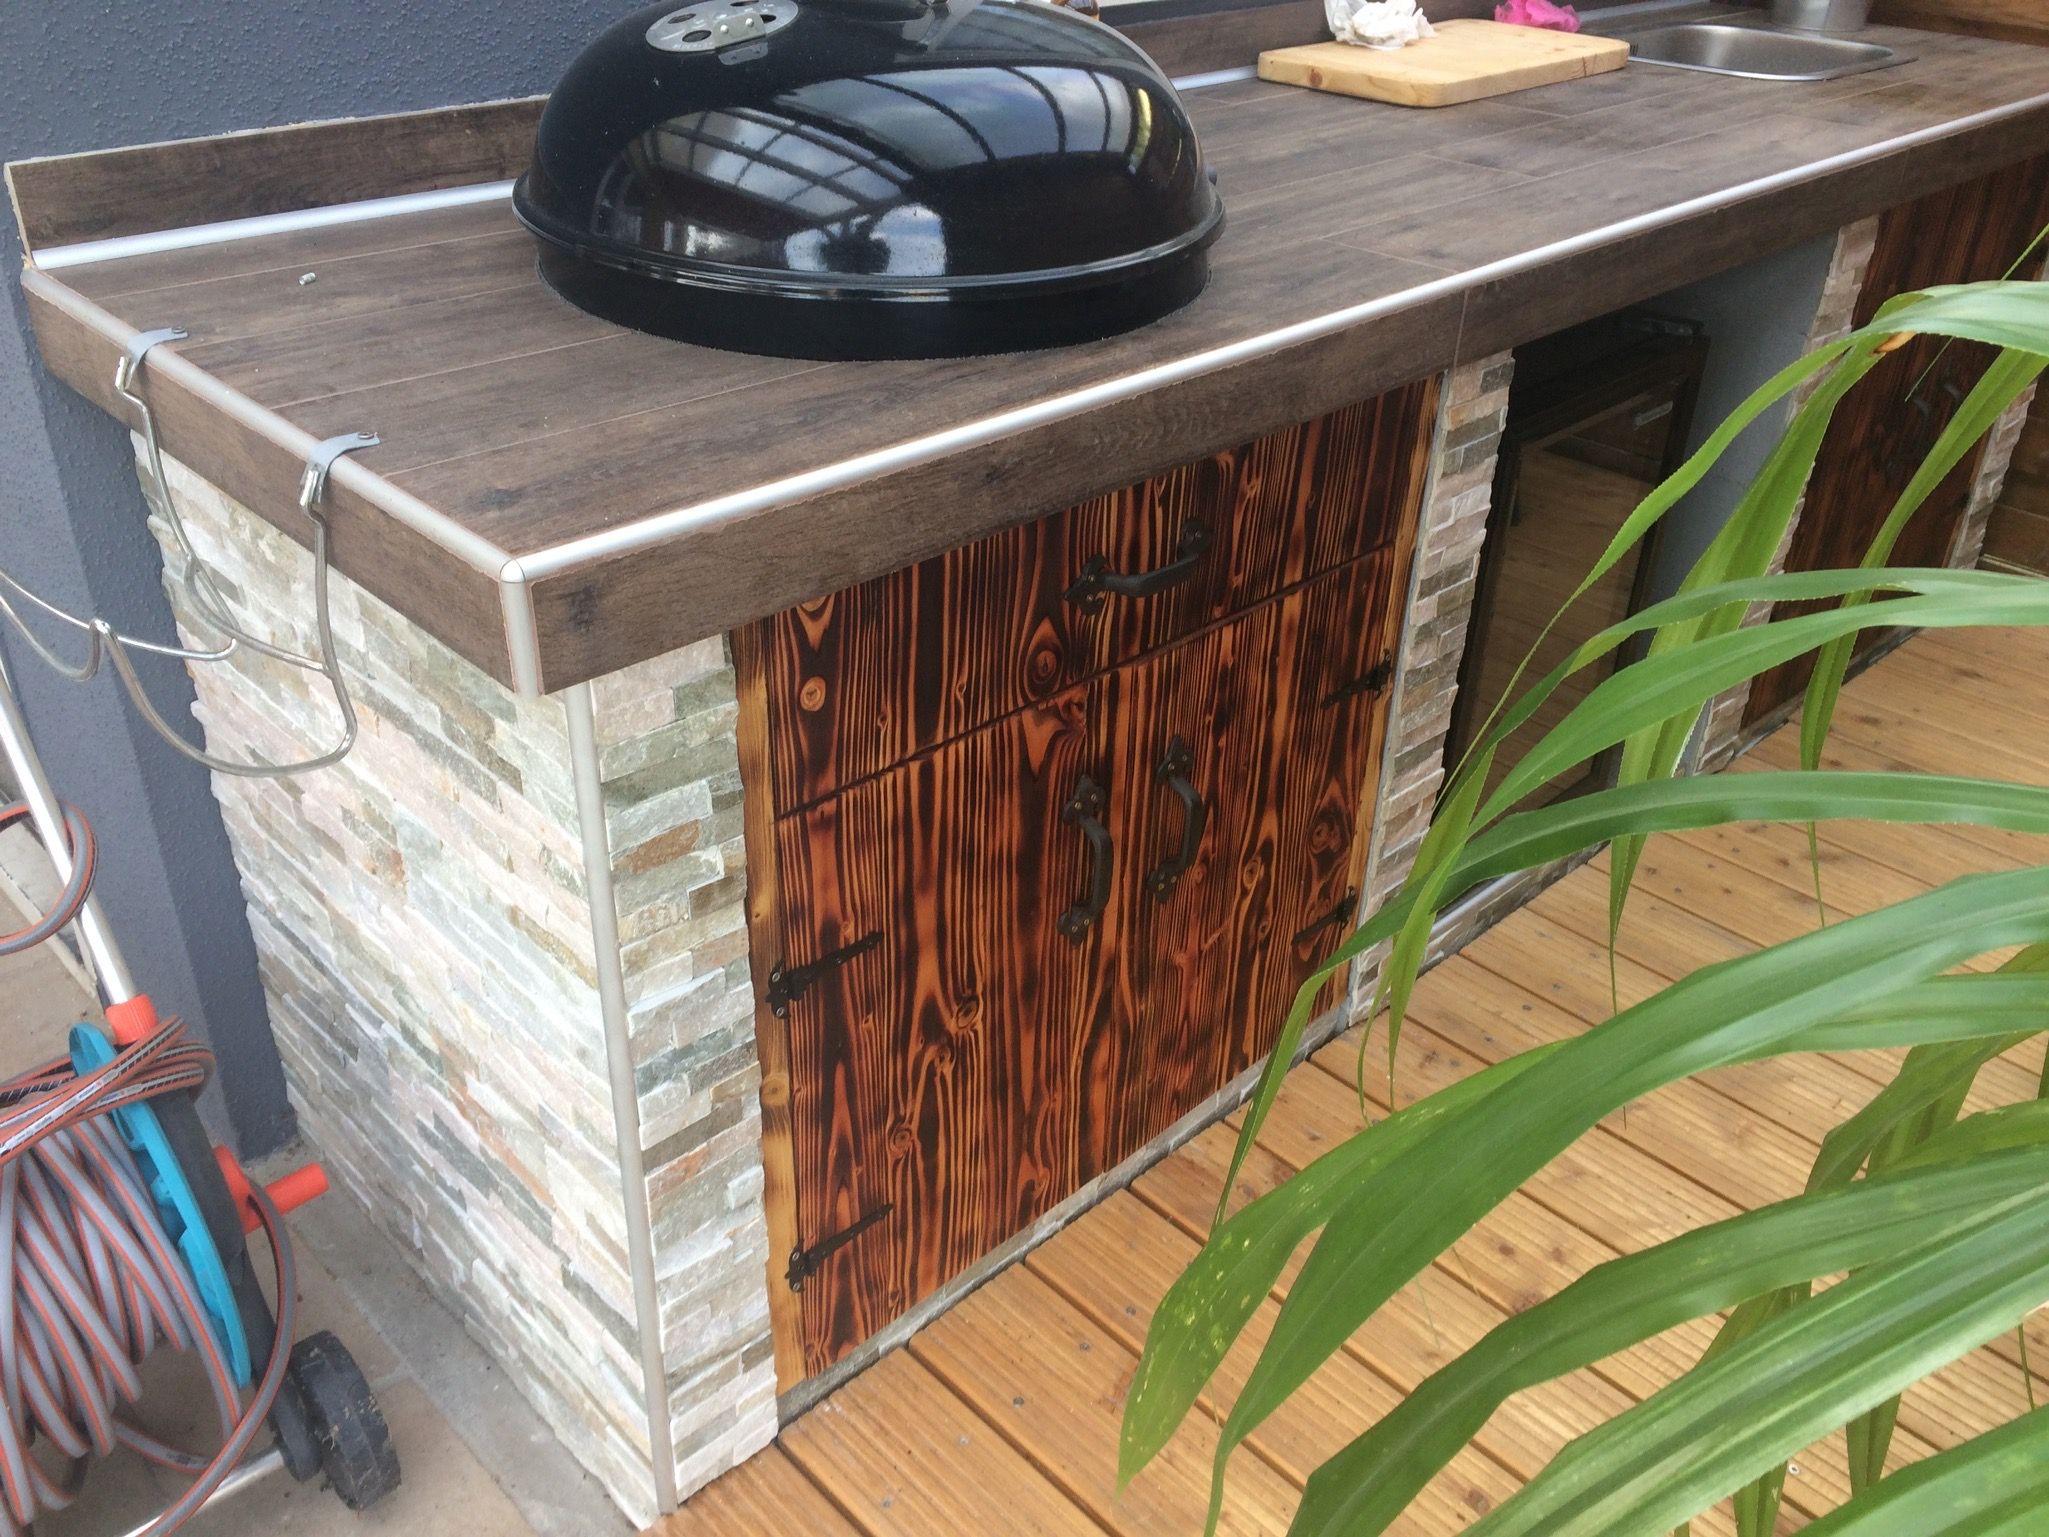 Gasbrenner Outdoor Küche : Einbau gaskocher outdoor küche outdoor küche einbau gasgrill